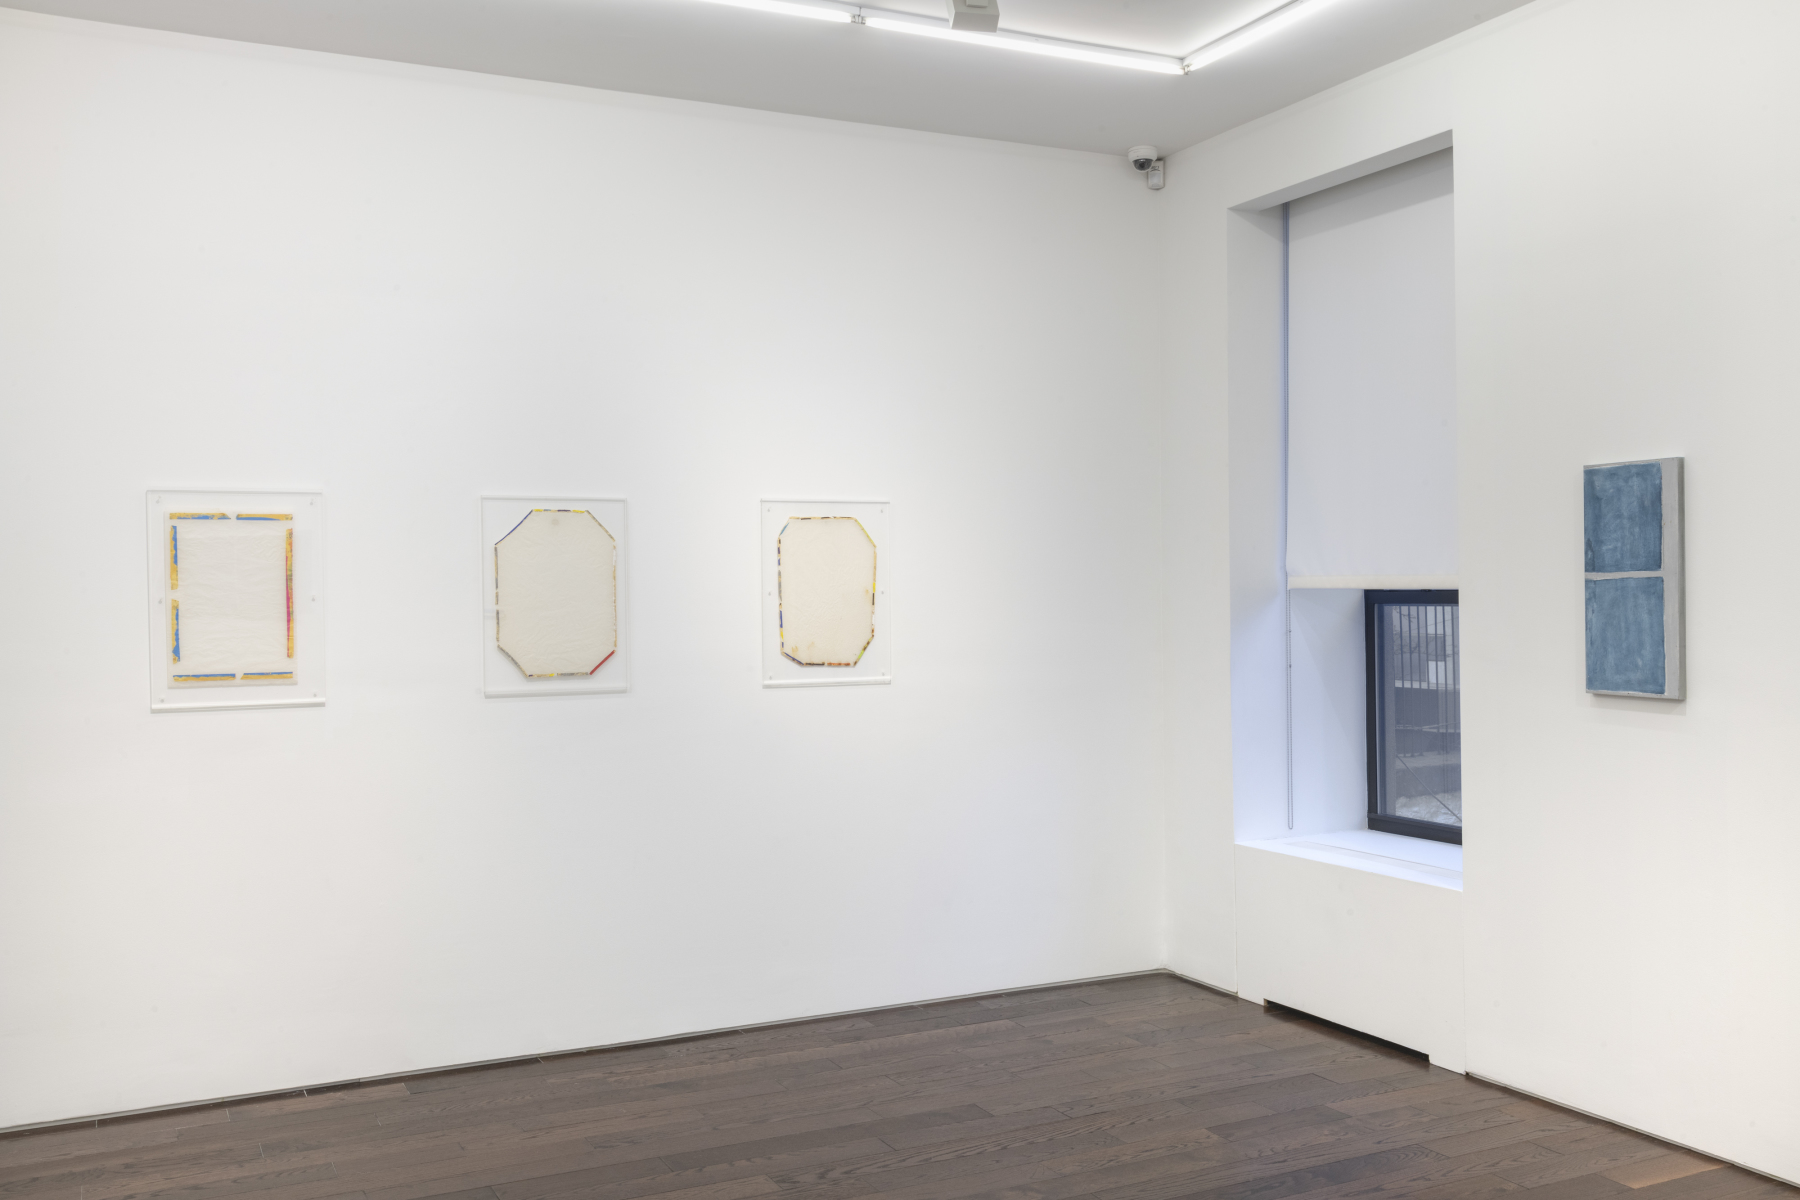 3_Pierre Buraglio 2019 New York 1103